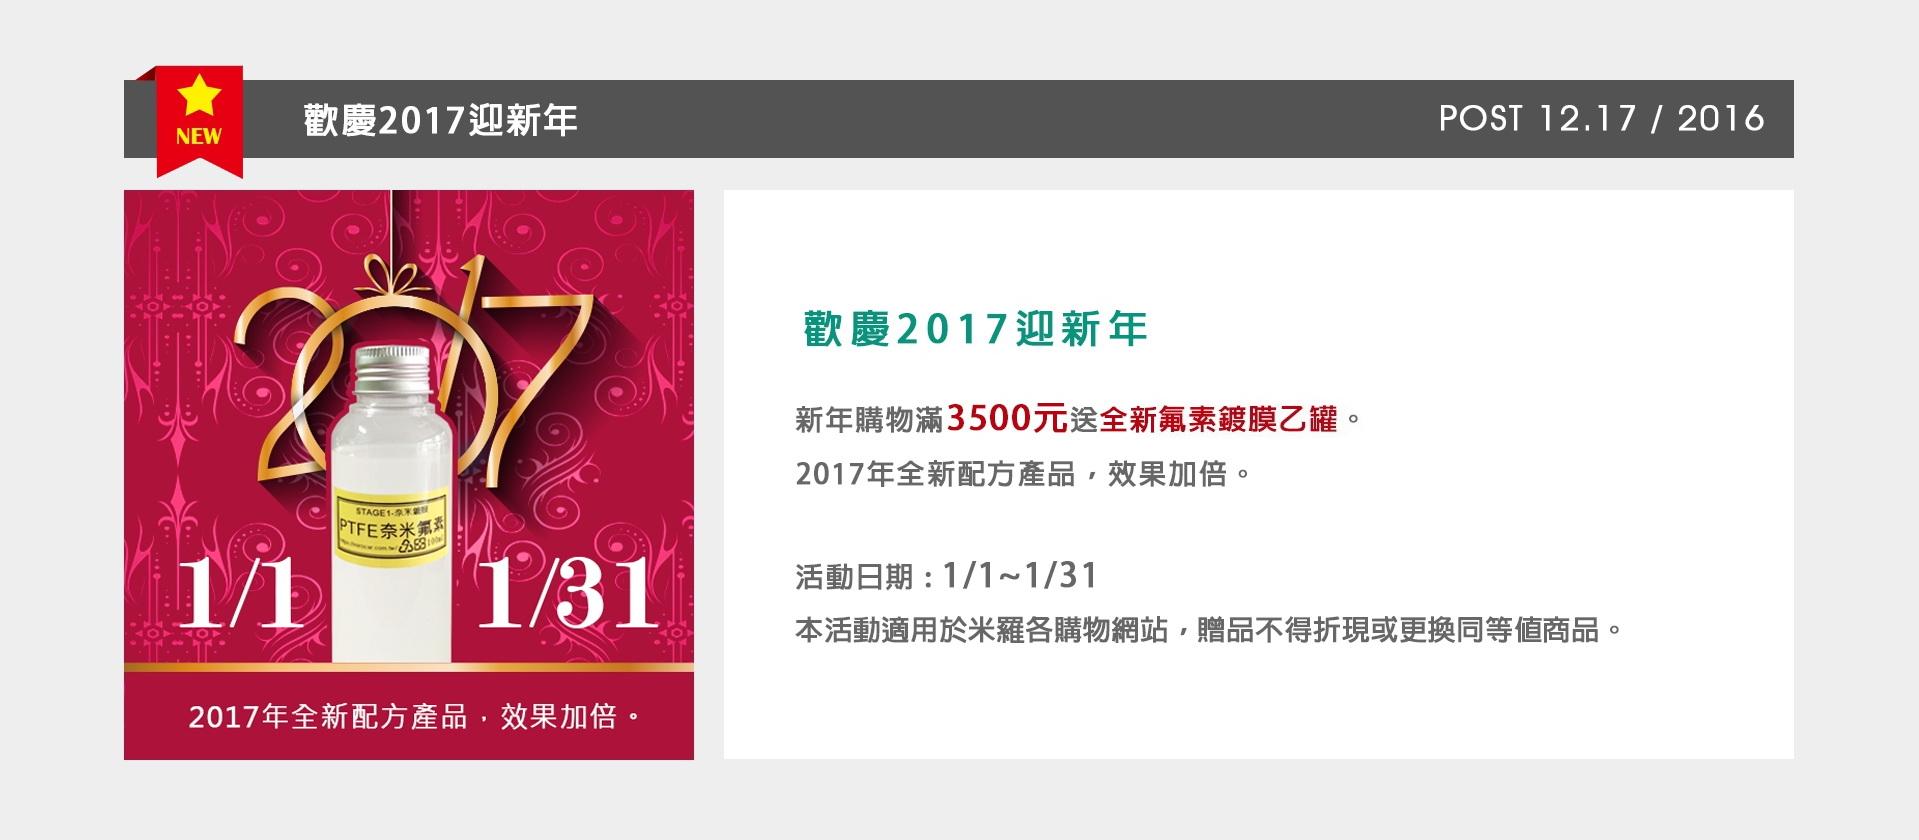 新年購物滿3500元贈全新氟素鍍膜乙罐